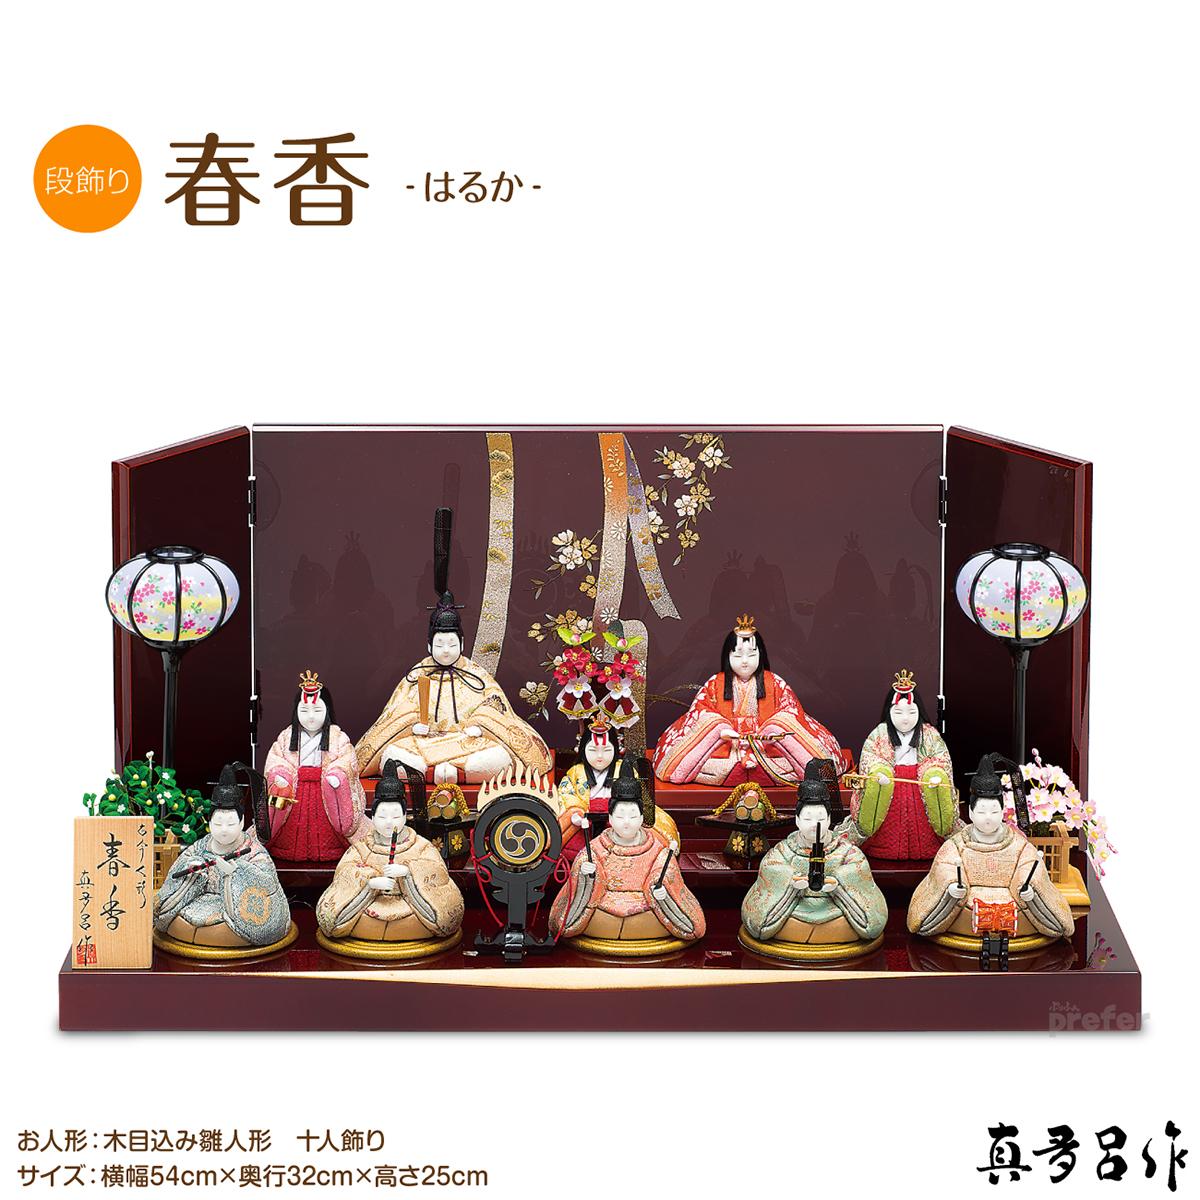 ひな人形 真多呂人形 木目込み雛人形 春香(はるか)10人揃 二段 段飾り おひな様 ひな祭り